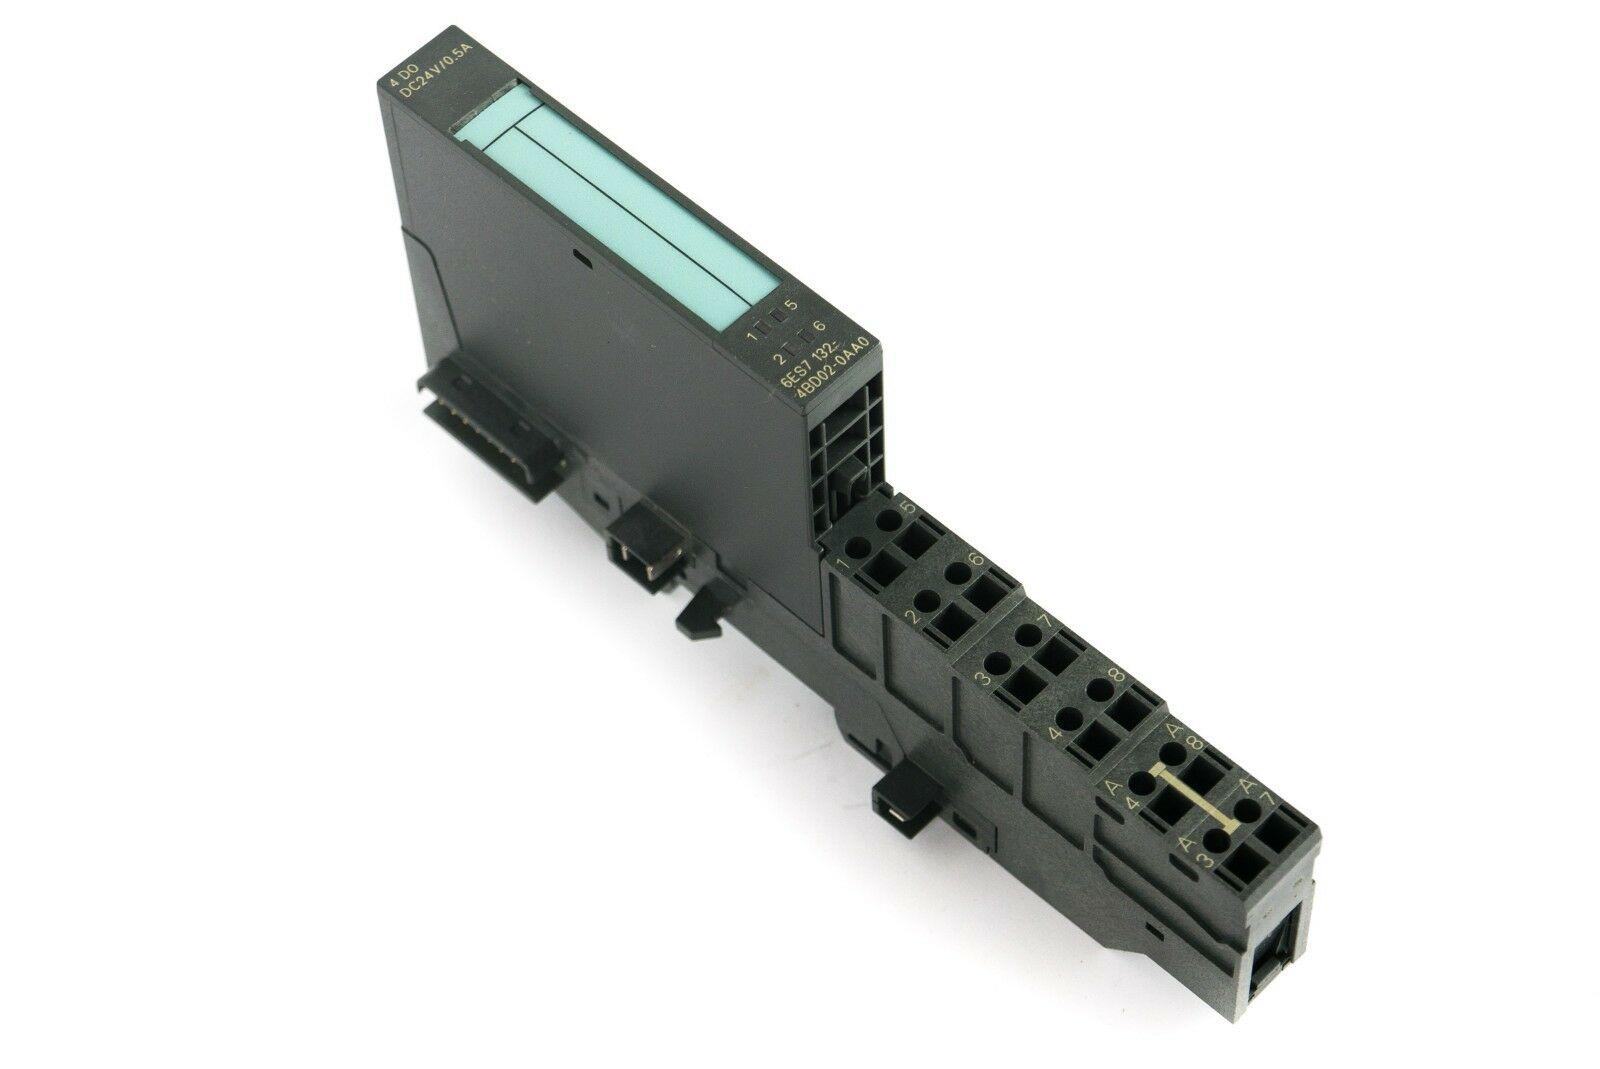 Siemens S7 6ES7132-4BD00-0AA0 6ES7132-4BD00-0AA0